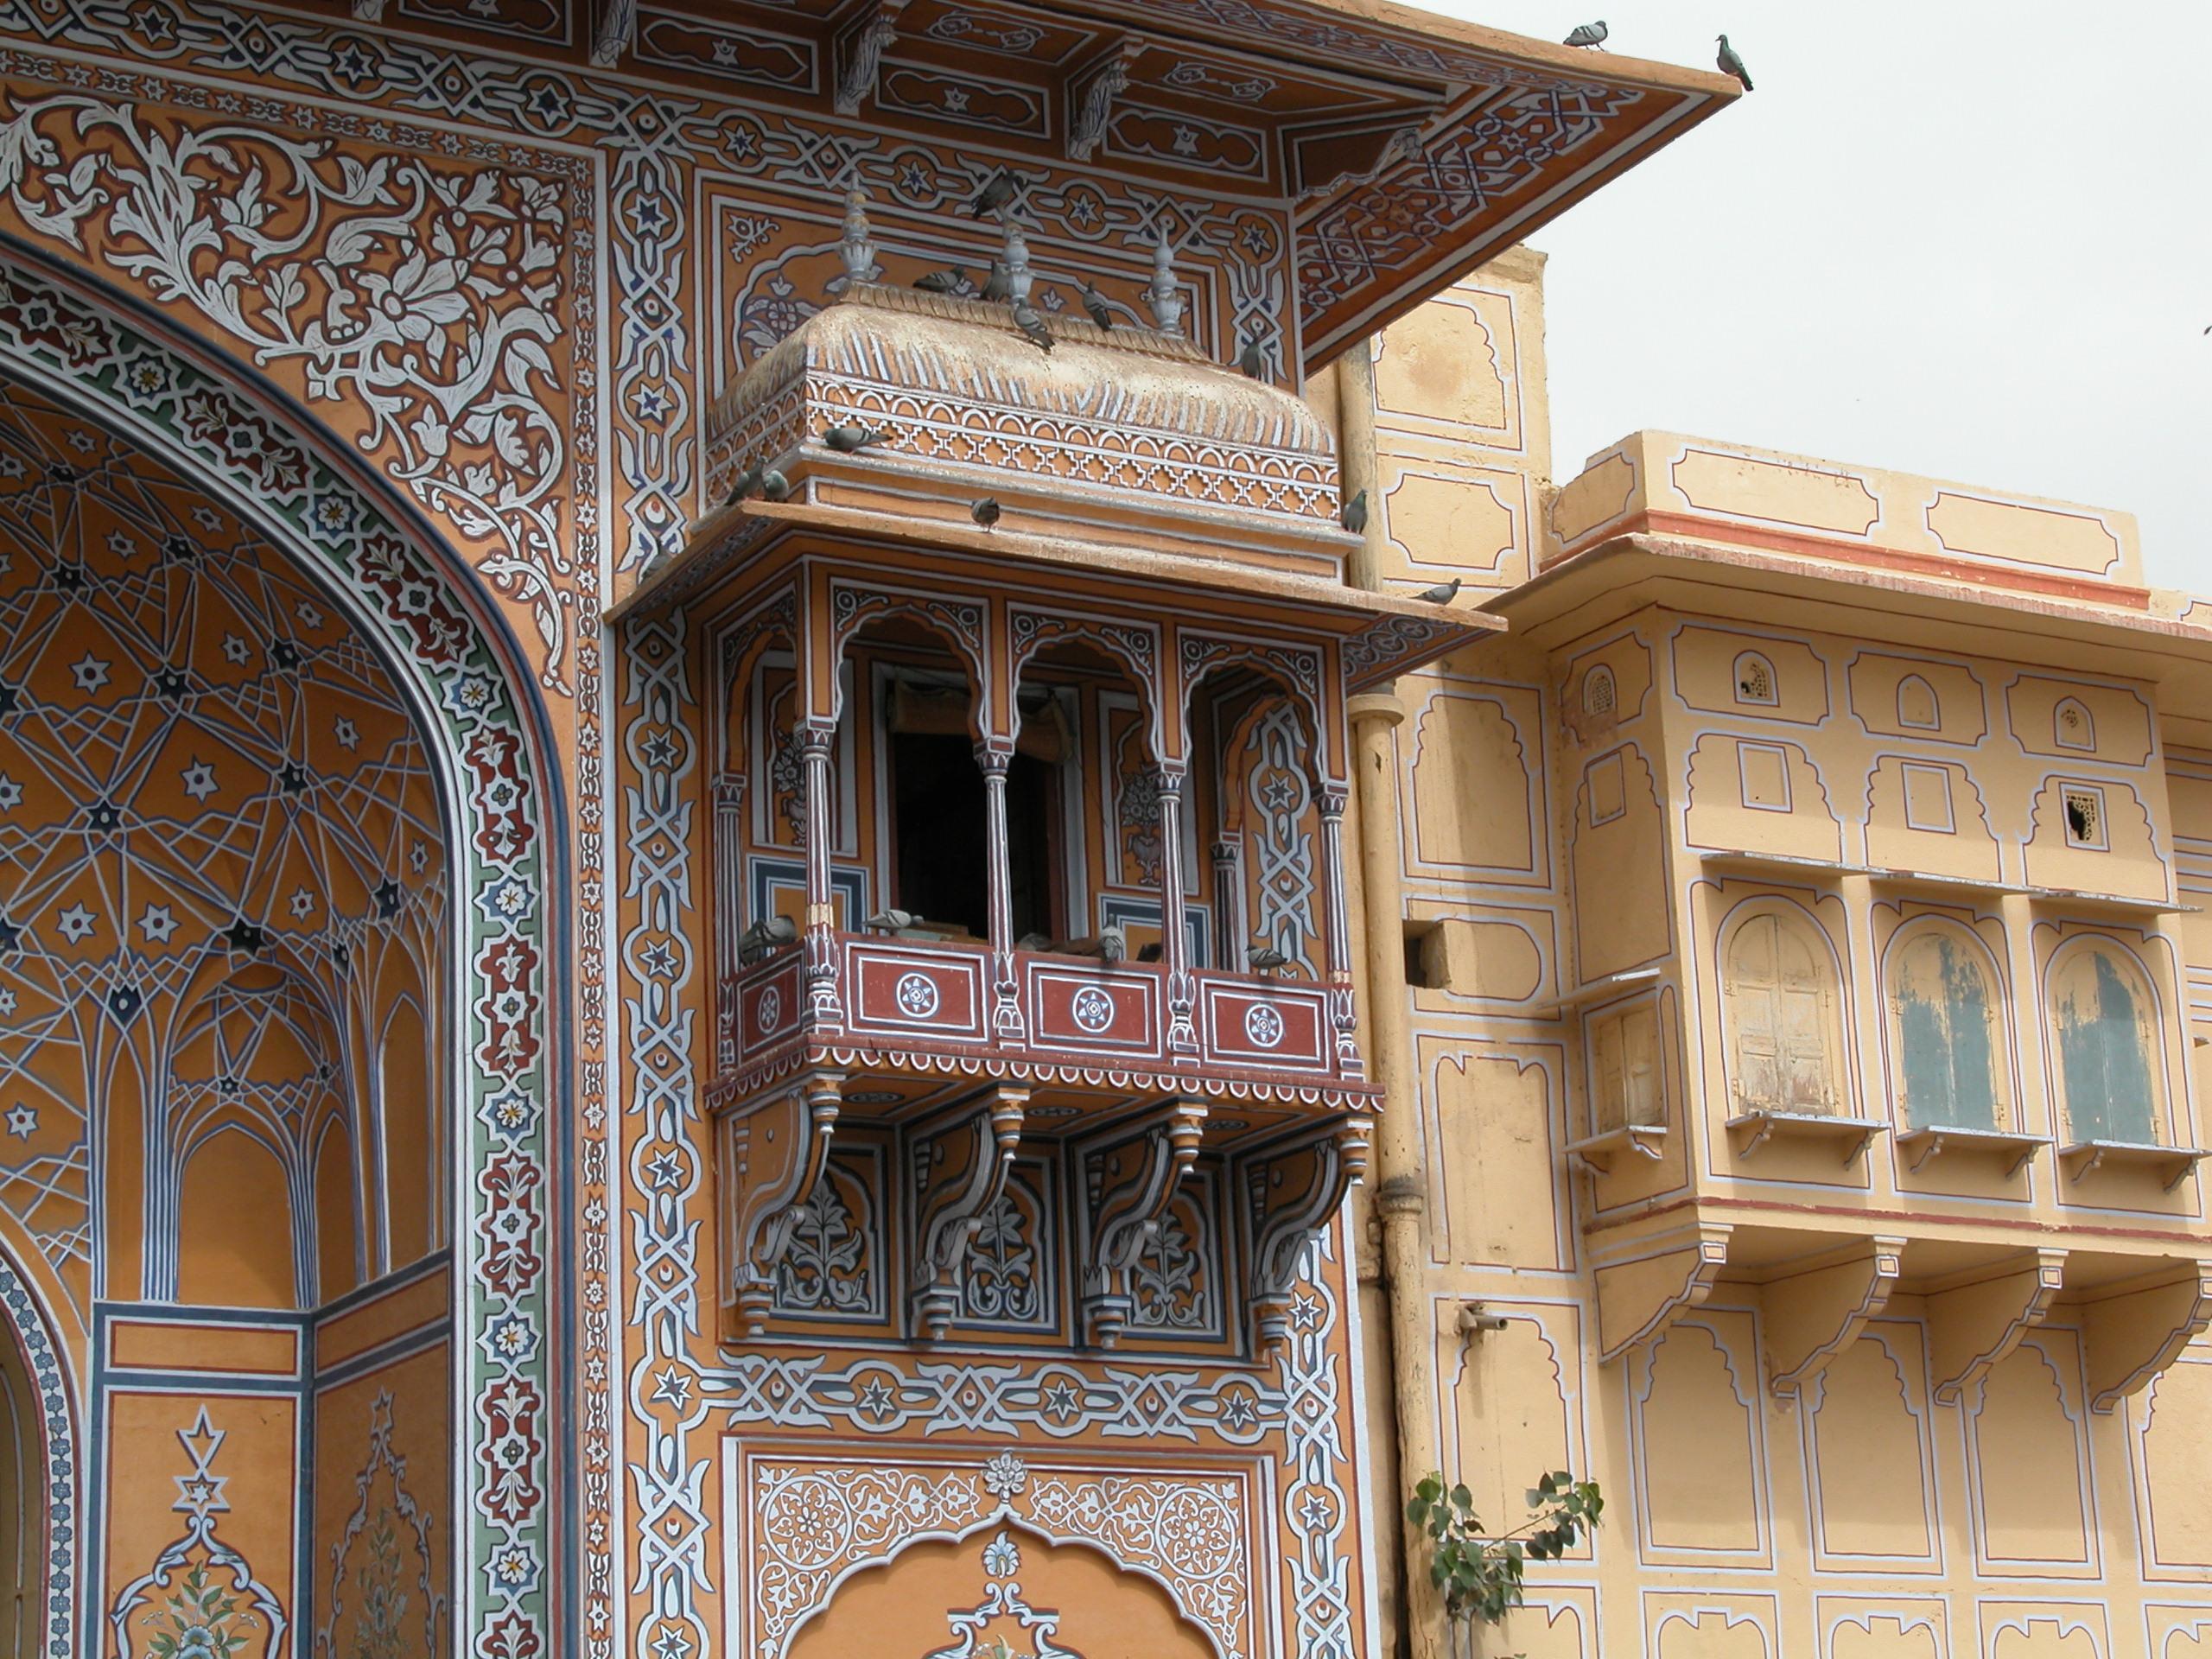 File:Small balcony city palace, Jaipur.jpg - Wikimedia Commons